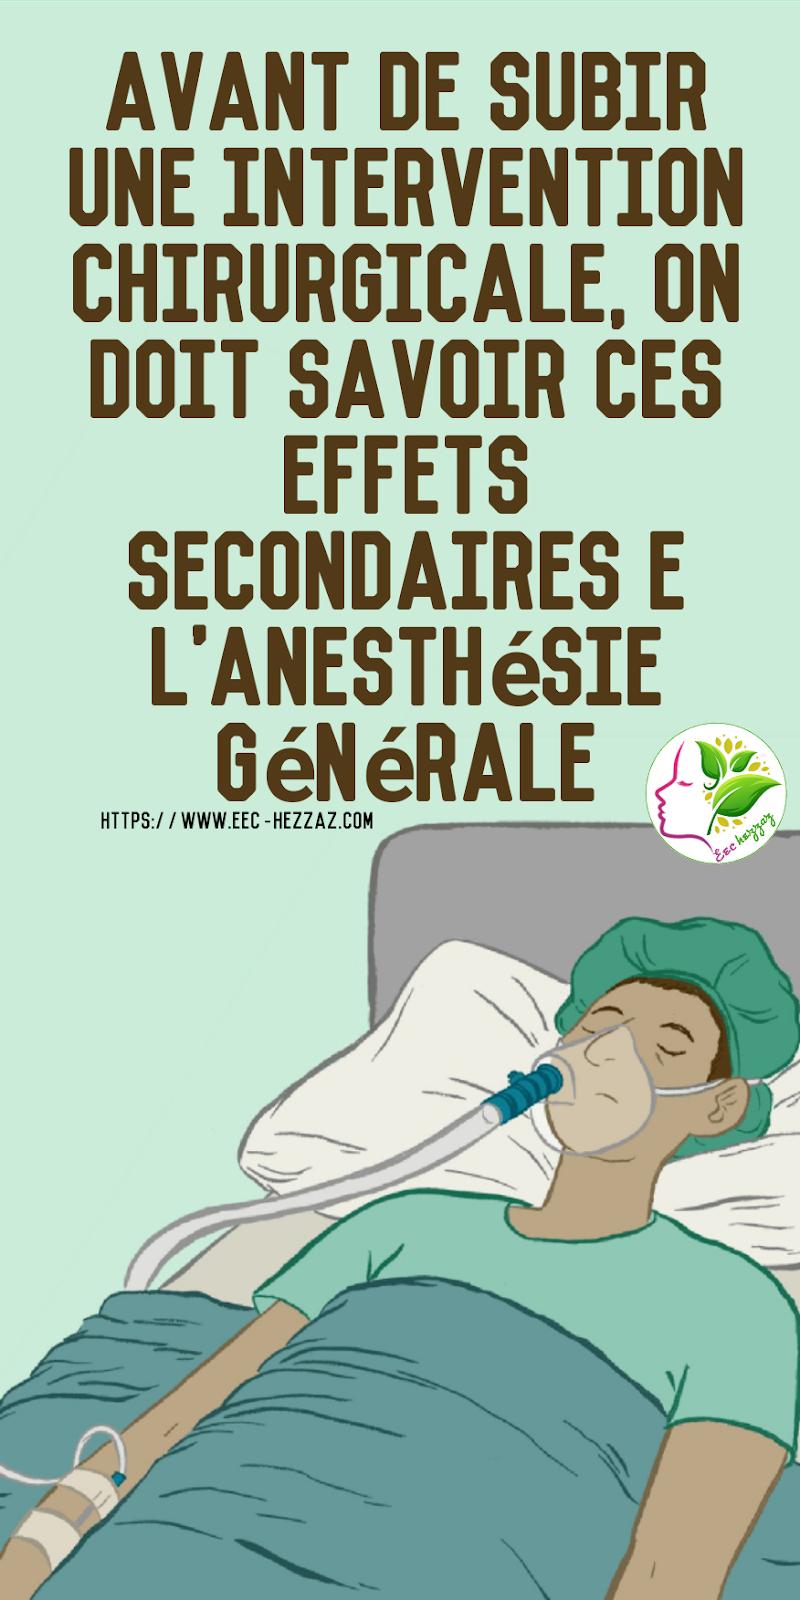 Avant de subir une intervention chirurgicale, on doit savoir ces effets secondaires e l'anesthésie générale